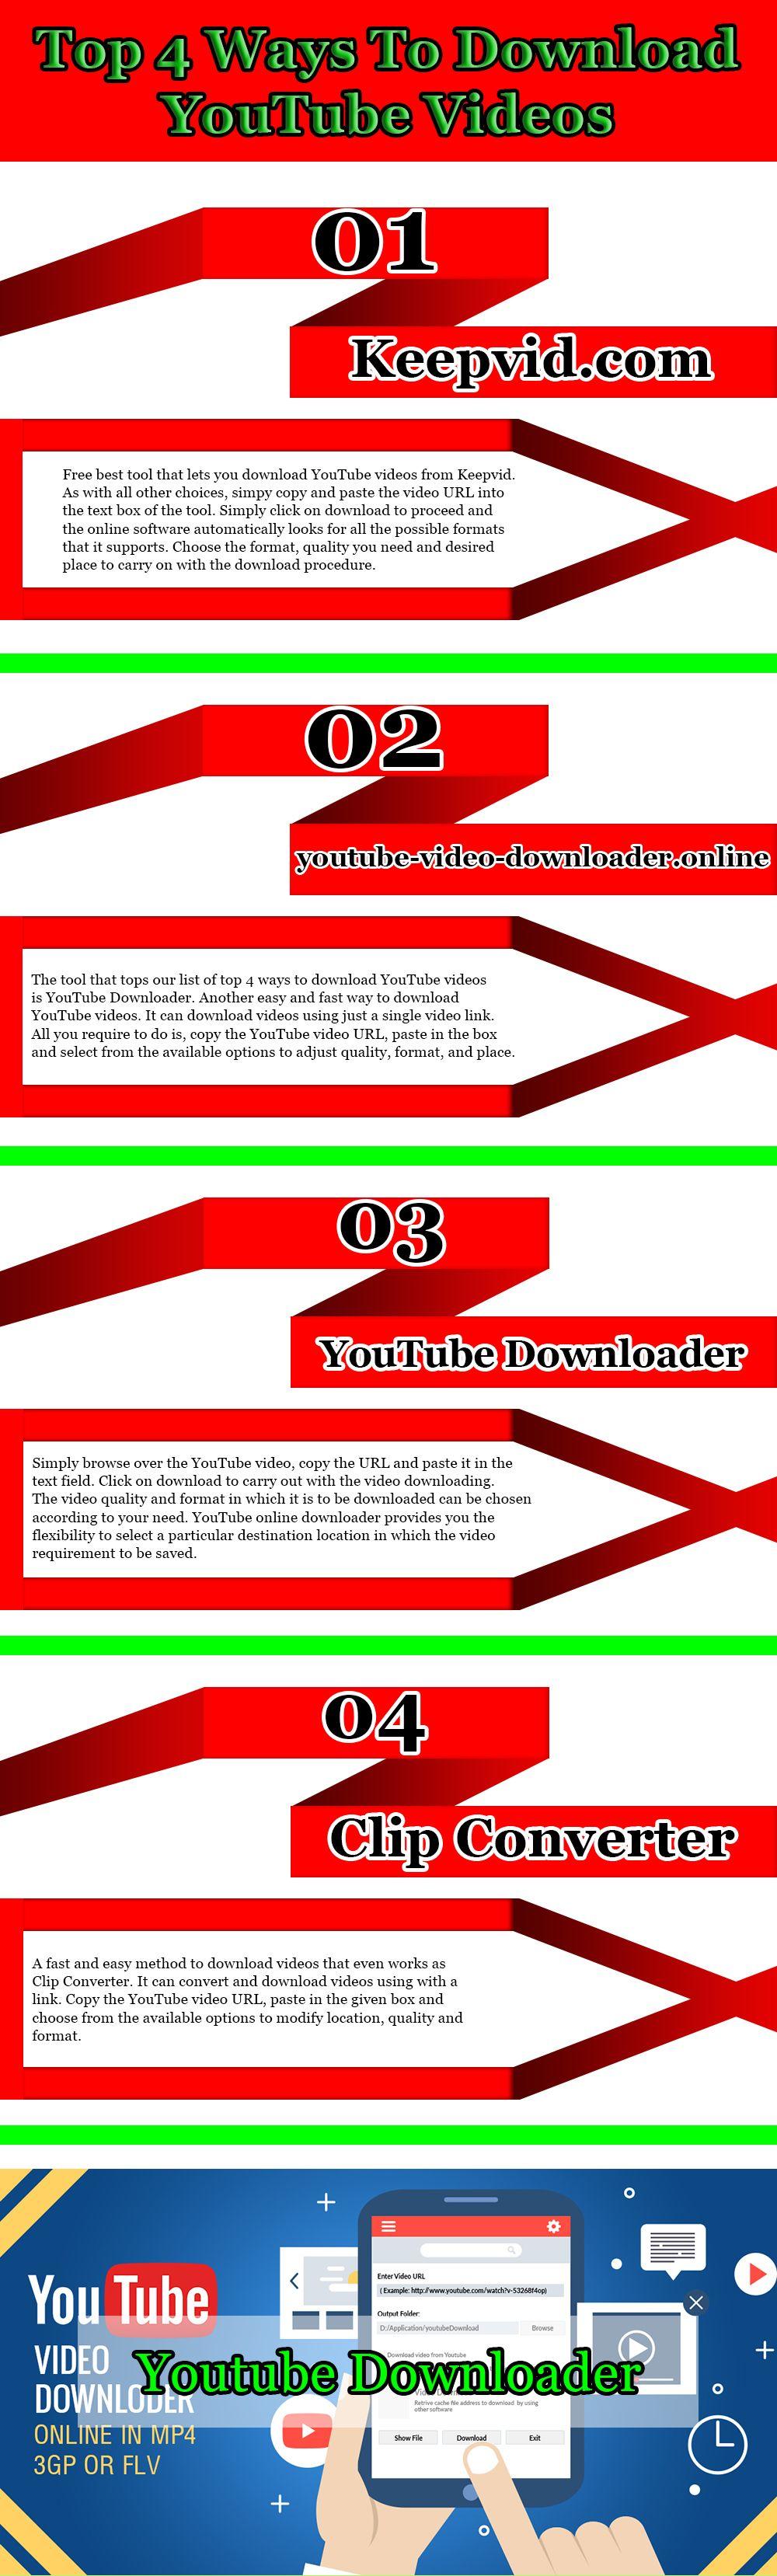 fastest youtube downloader online